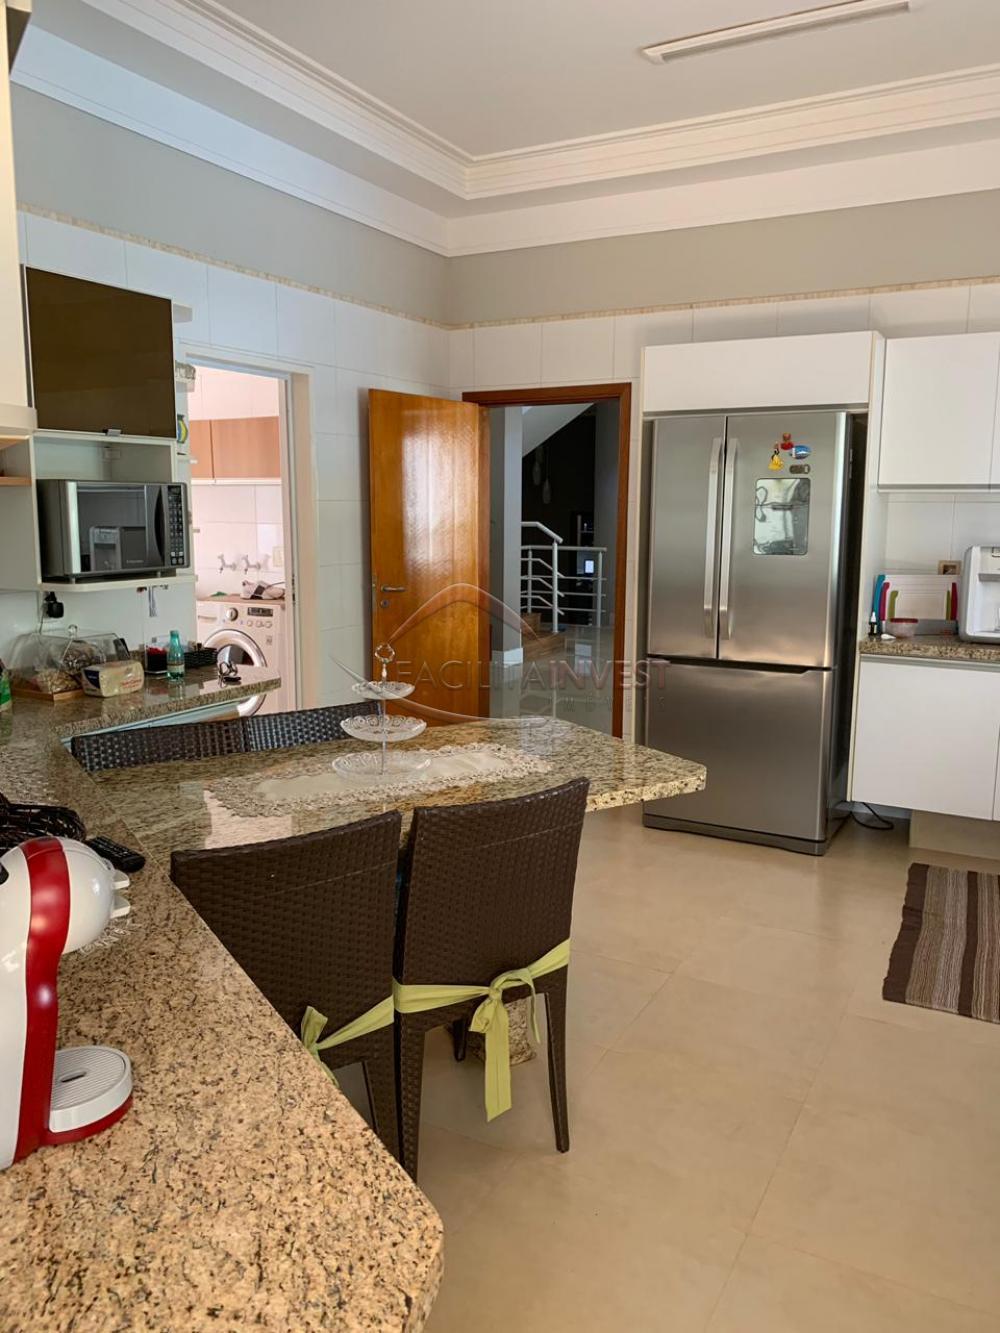 Comprar Casa Condomínio / Casa Condomínio em Ribeirão Preto apenas R$ 1.800.000,00 - Foto 6